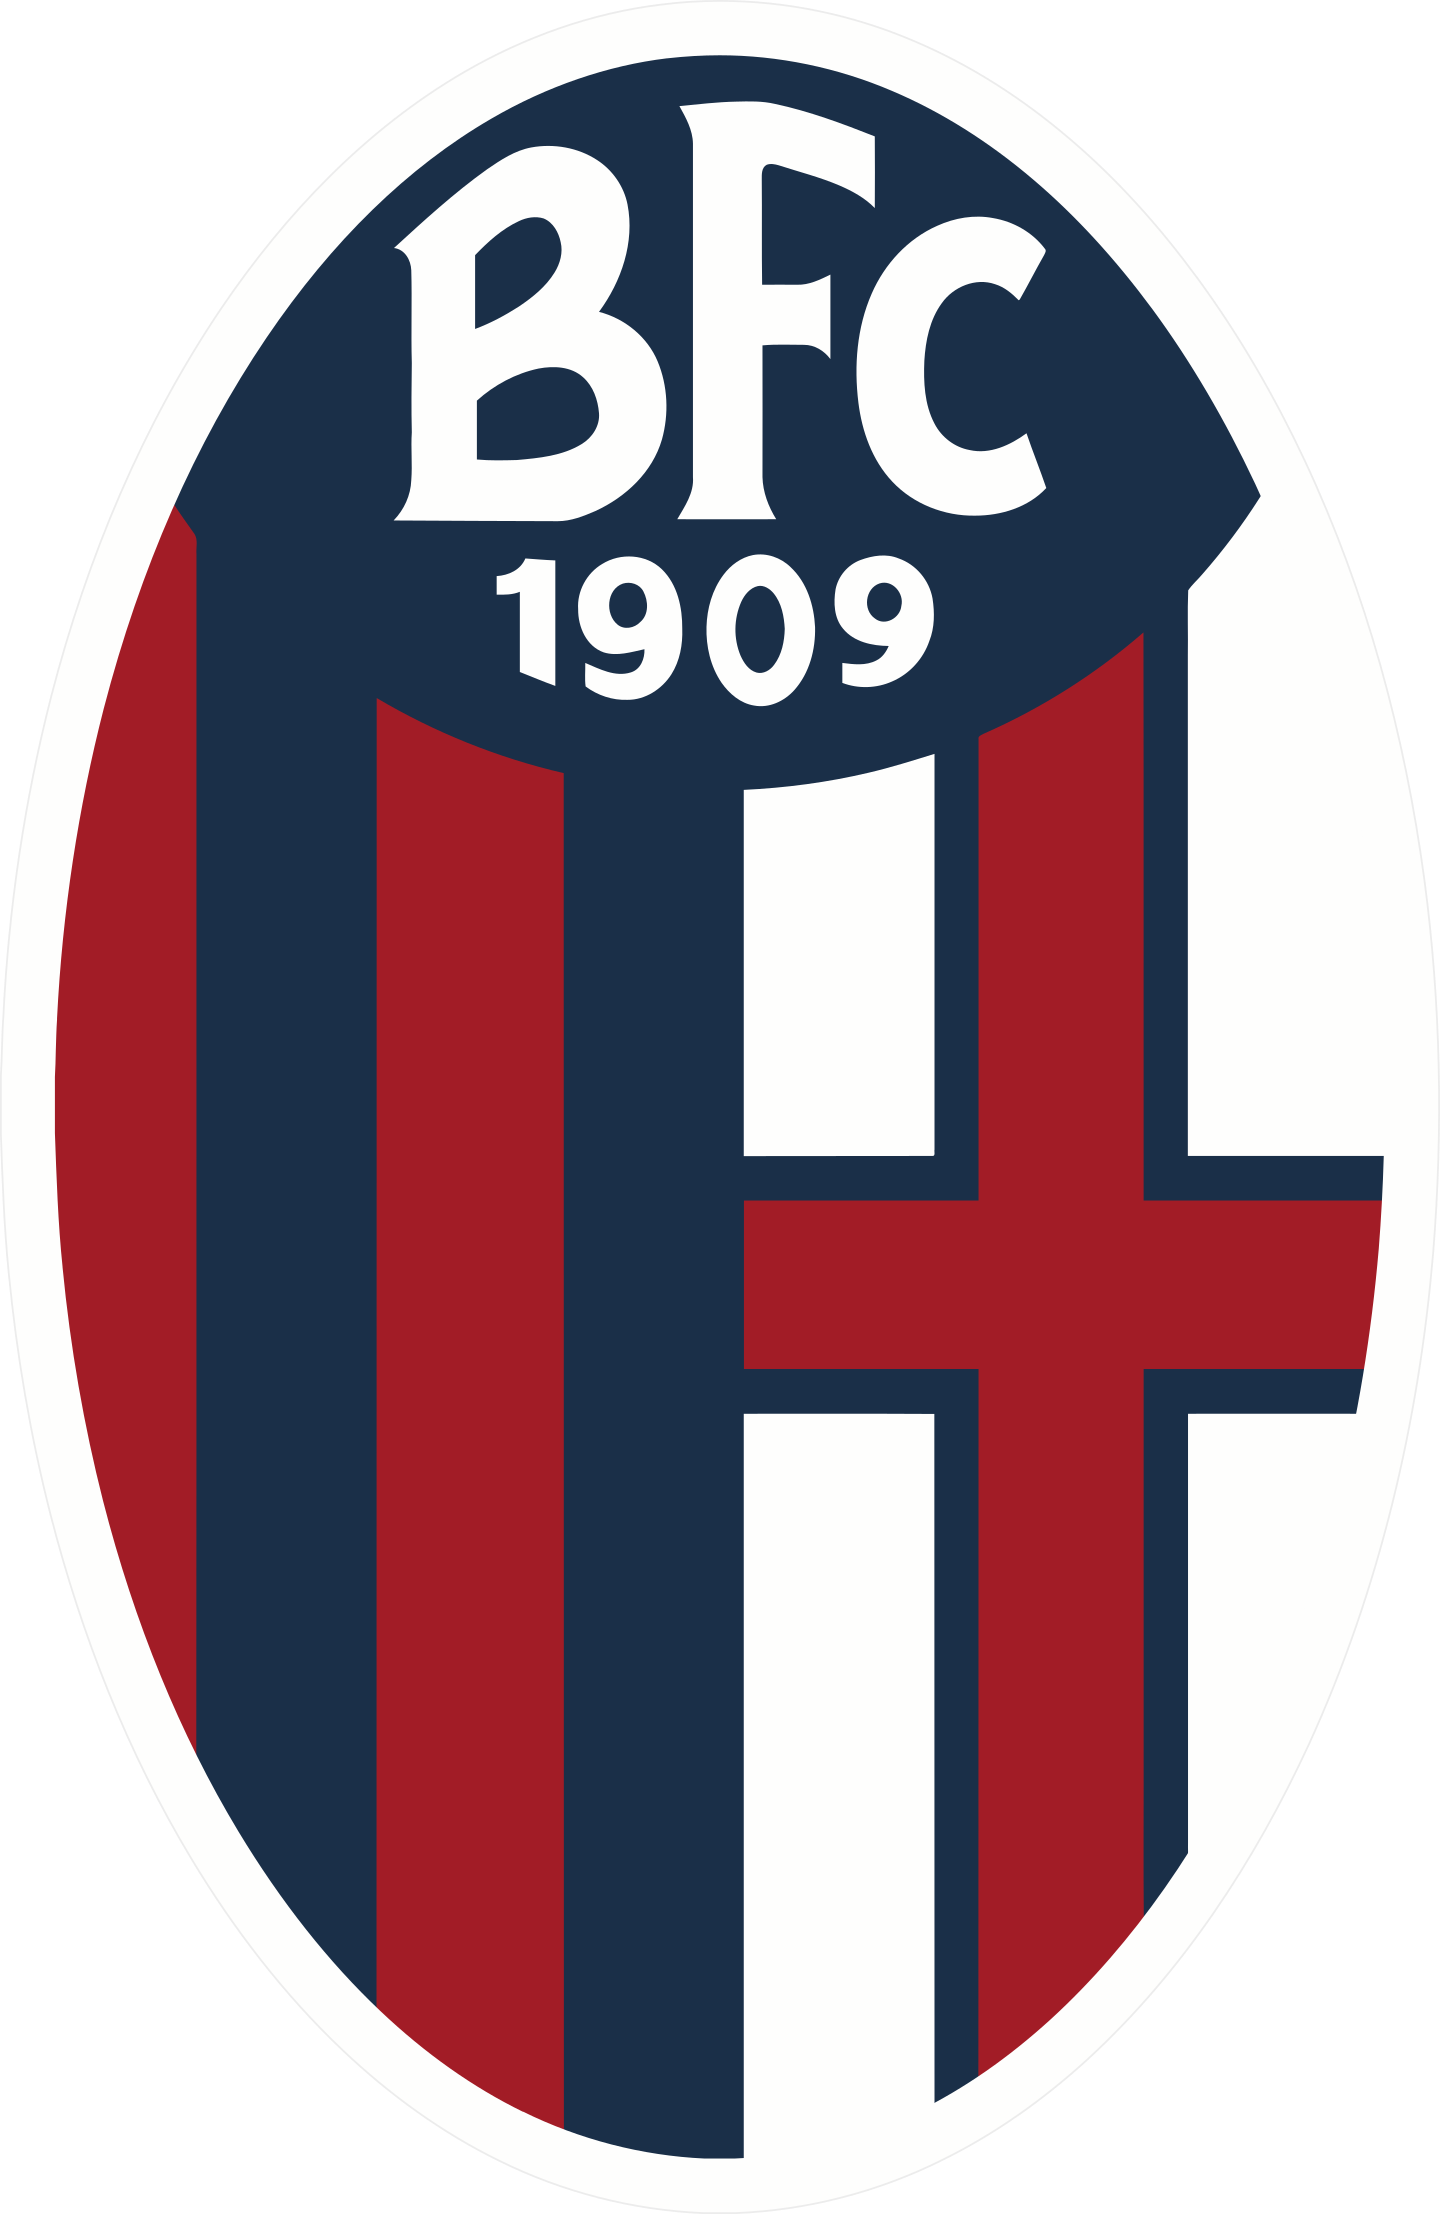 bologna fc logo 2 - Bologna FC Logo